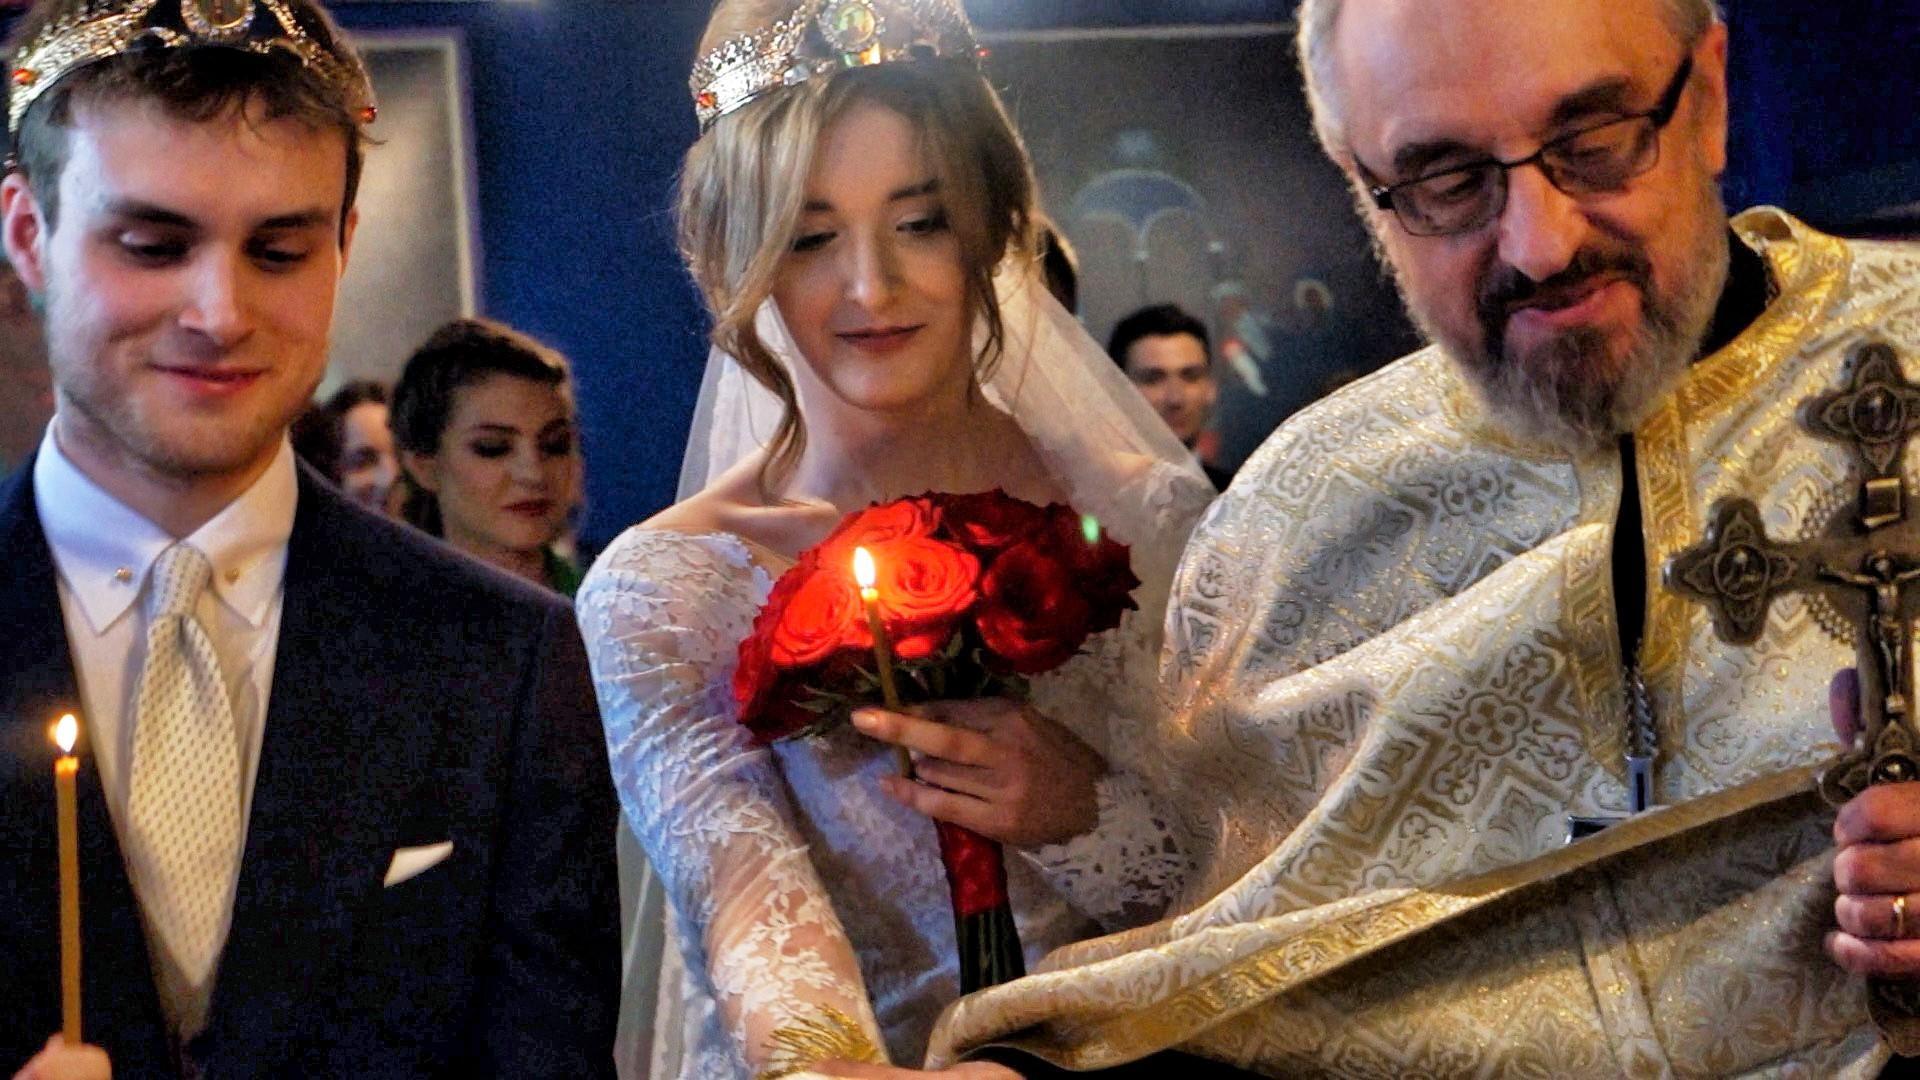 Prawosławny sakrament ślubu